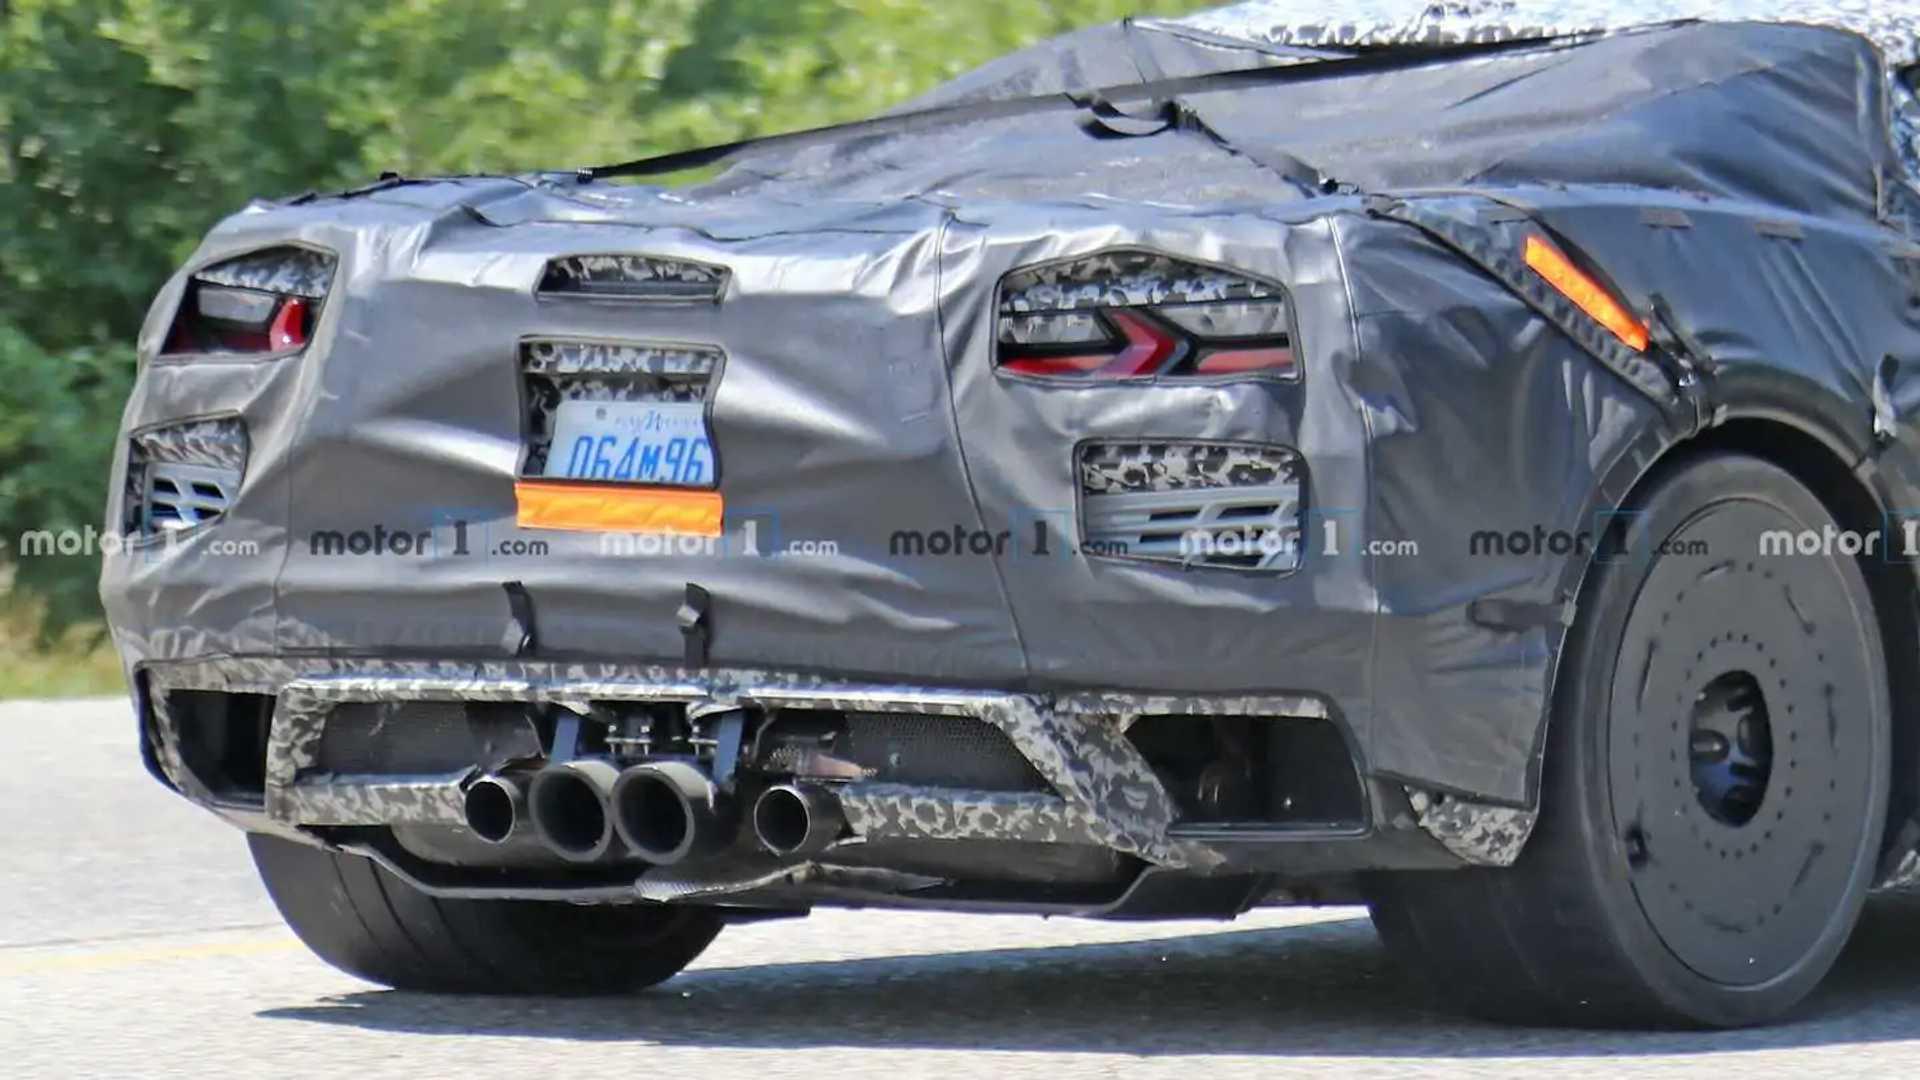 Spy photo of C8 Chevrolet Corvette Z06